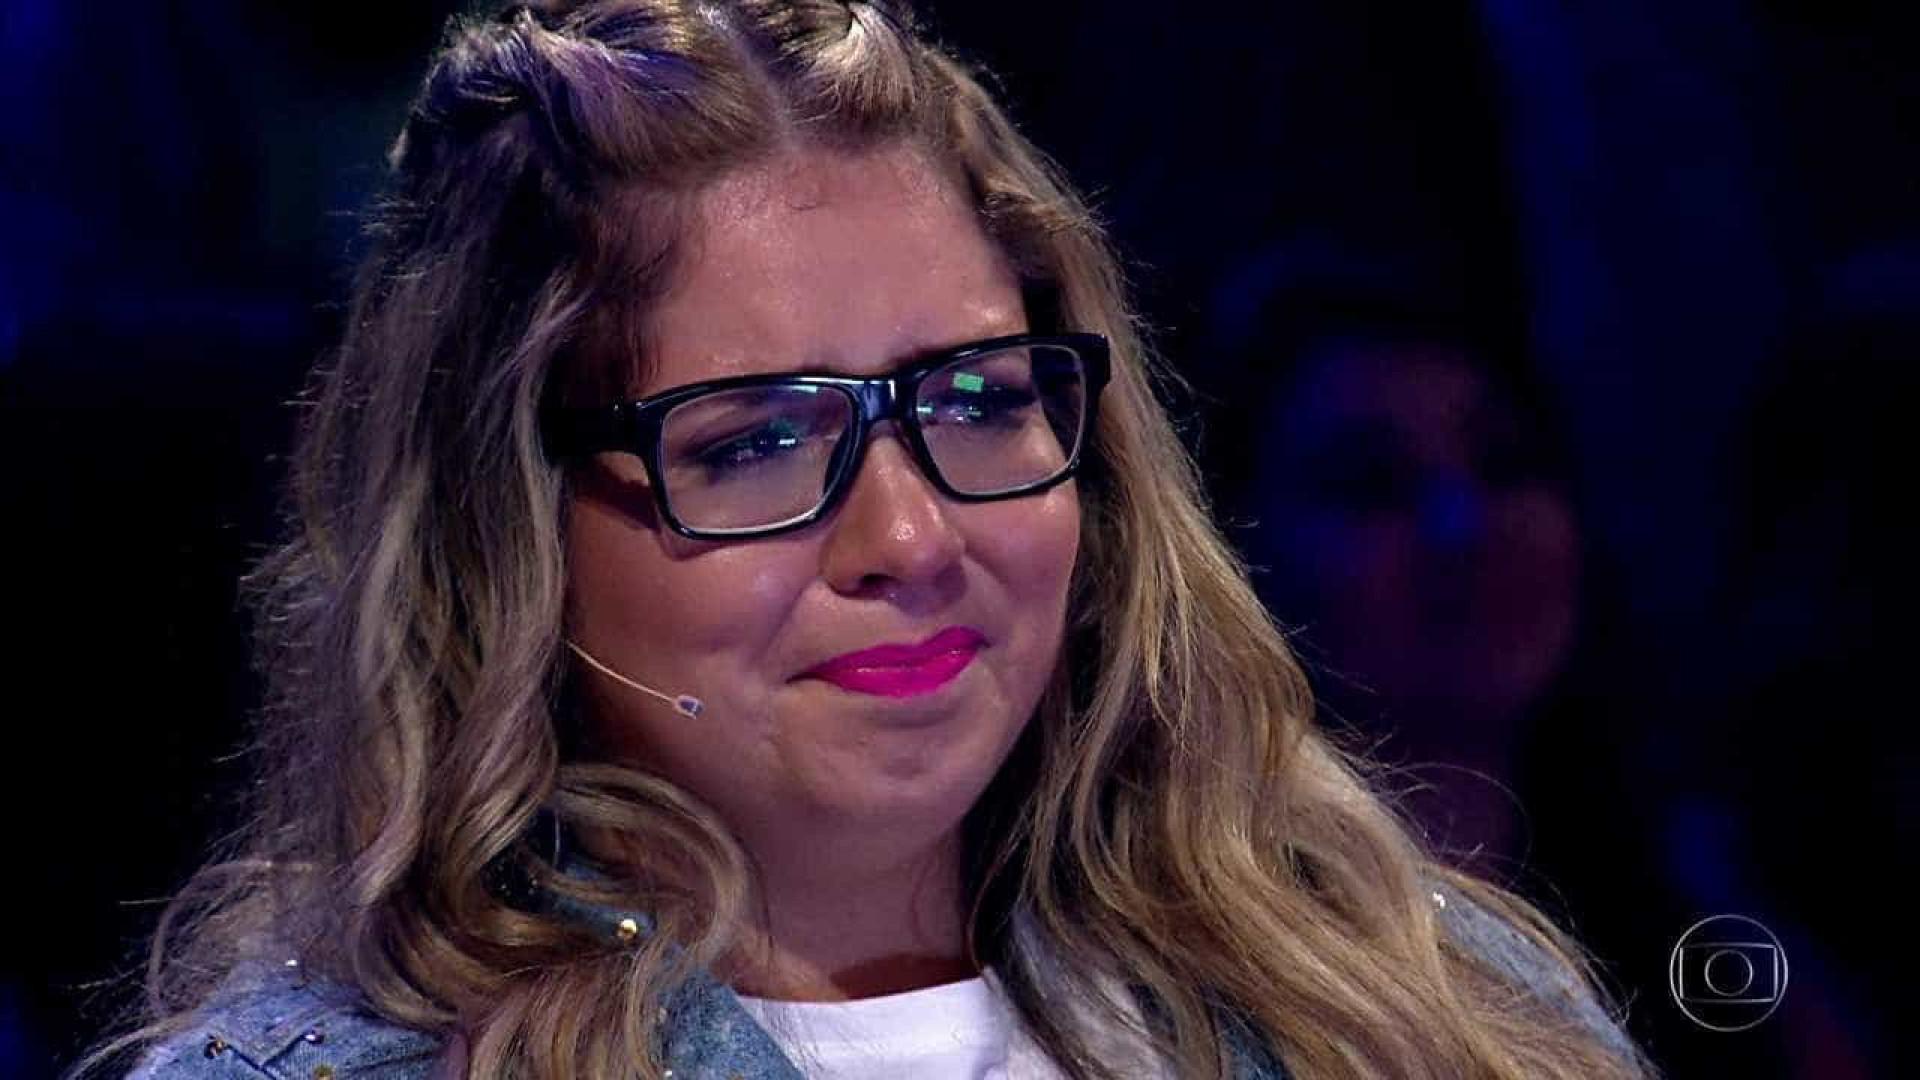 Marília Mendonça revela que já foi amante: 'Não vale a pena'